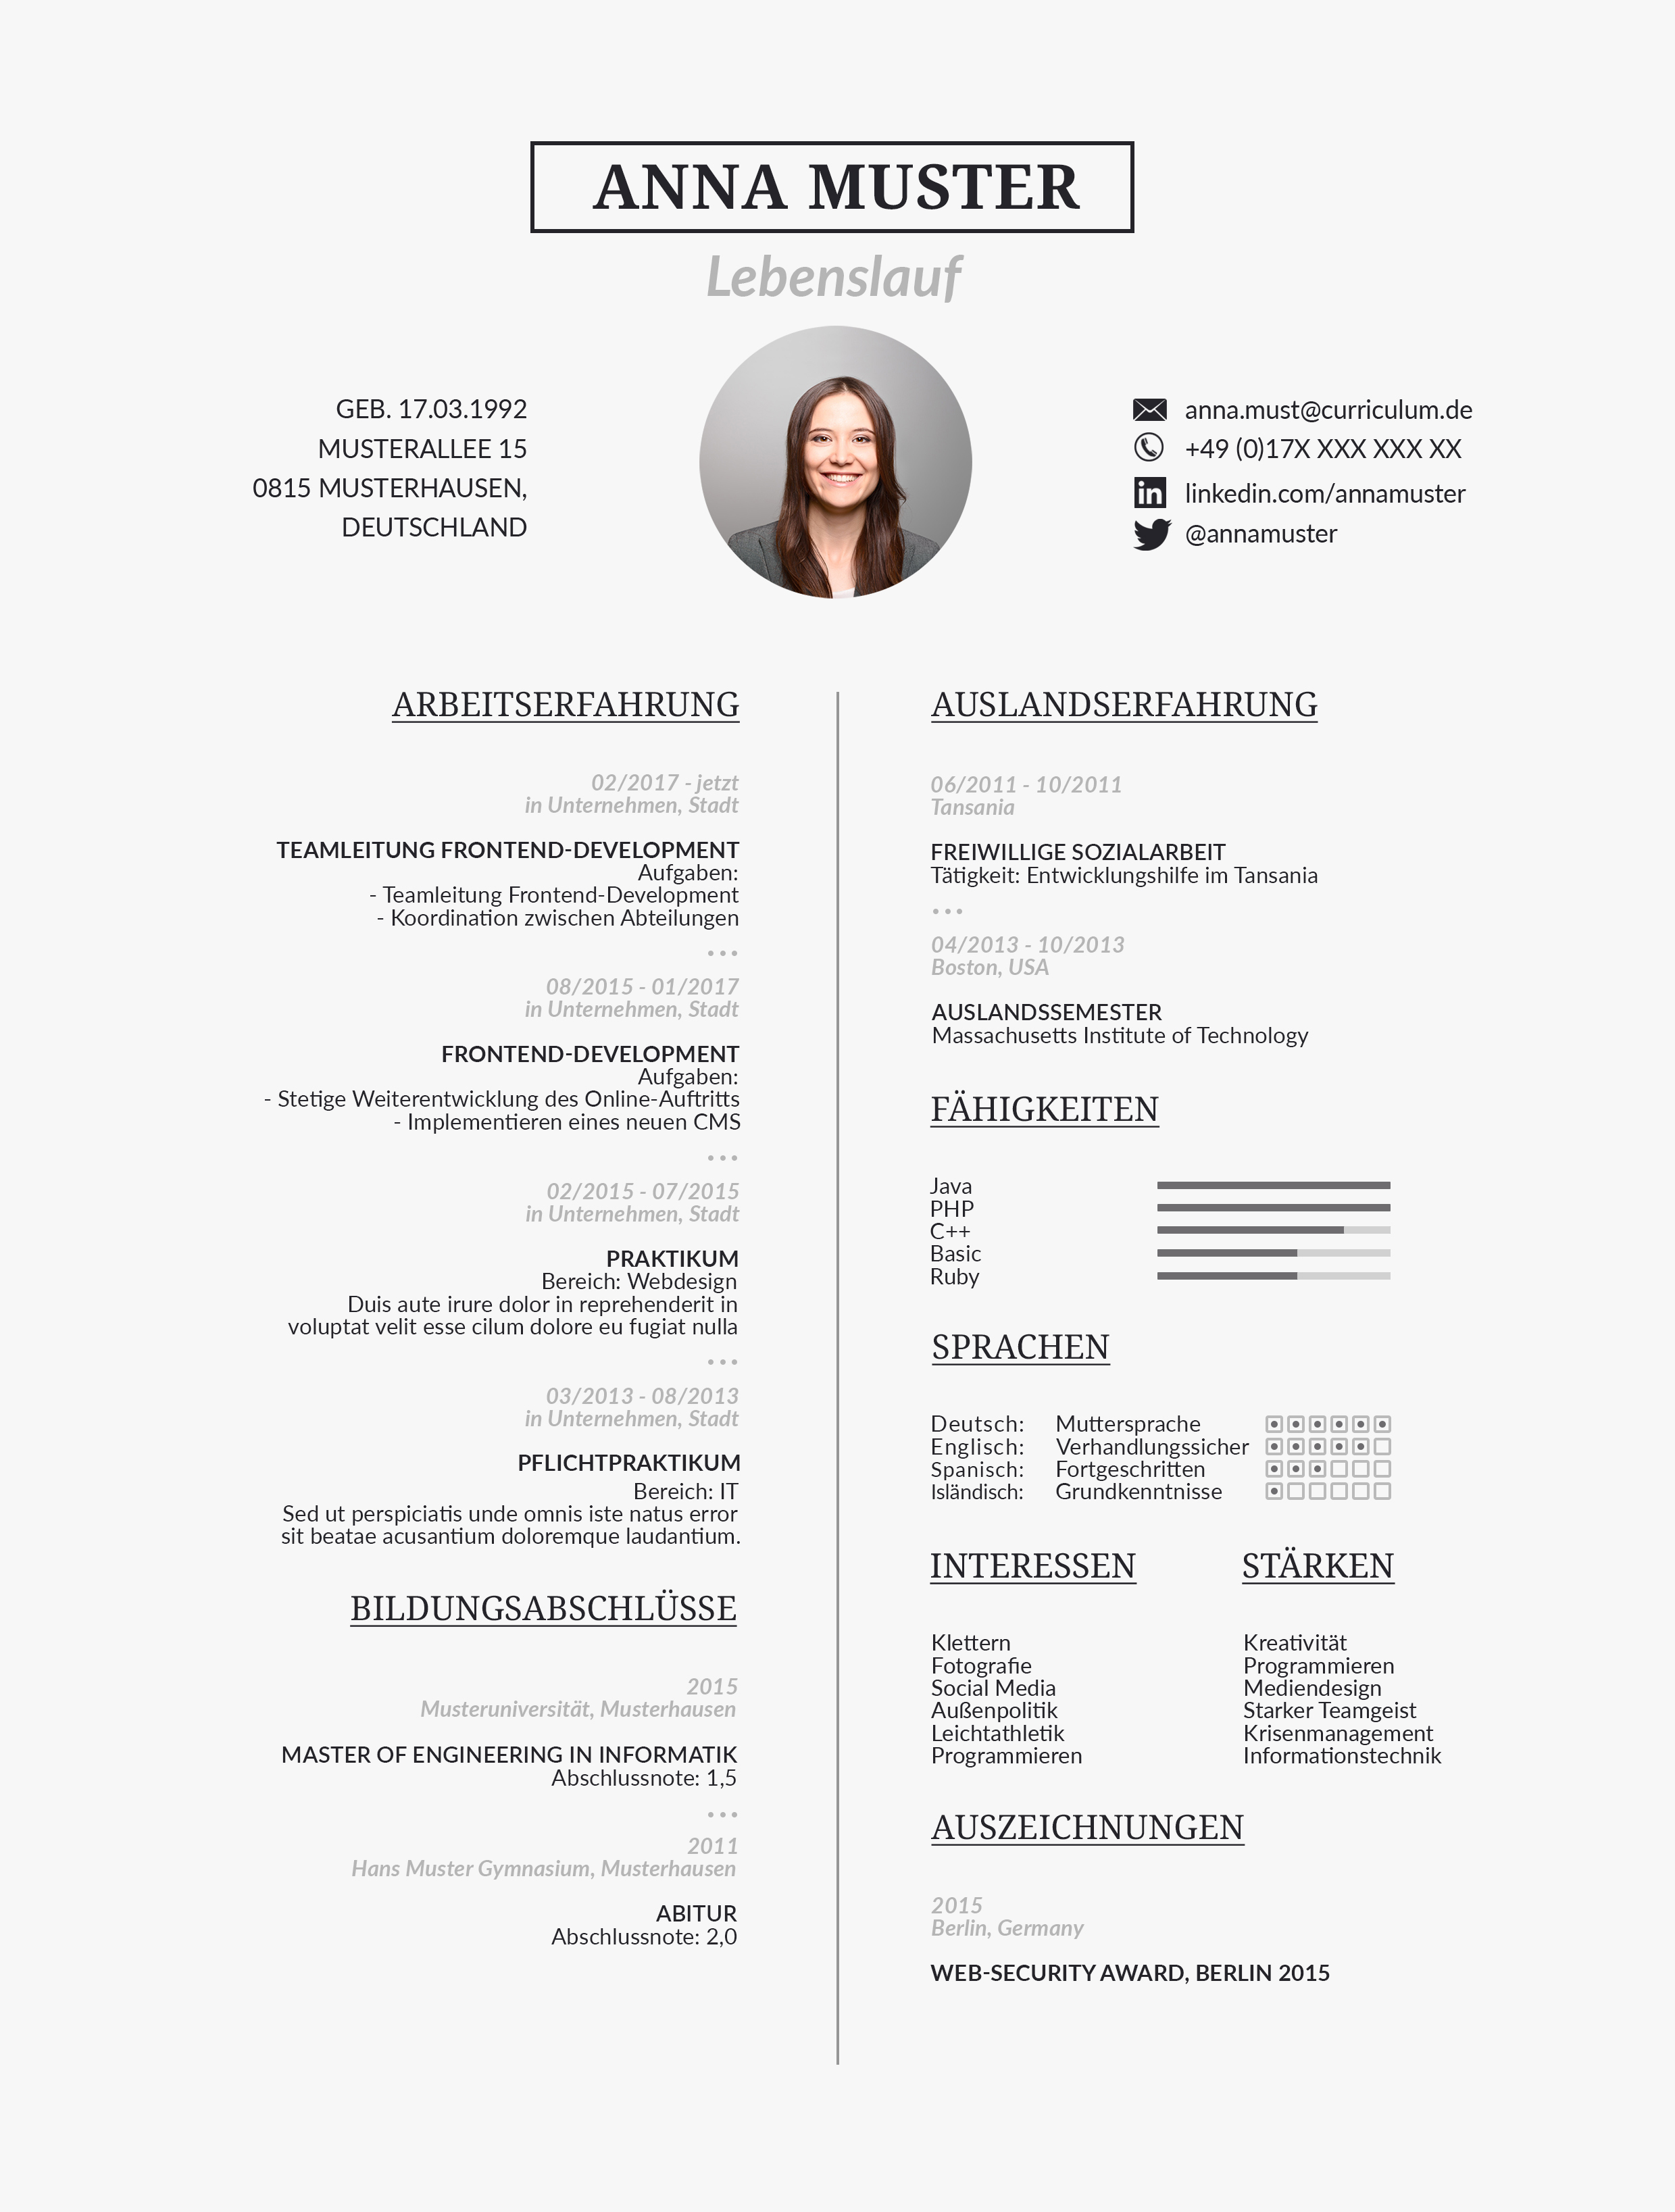 Designvorlage für einen Lebenslauf